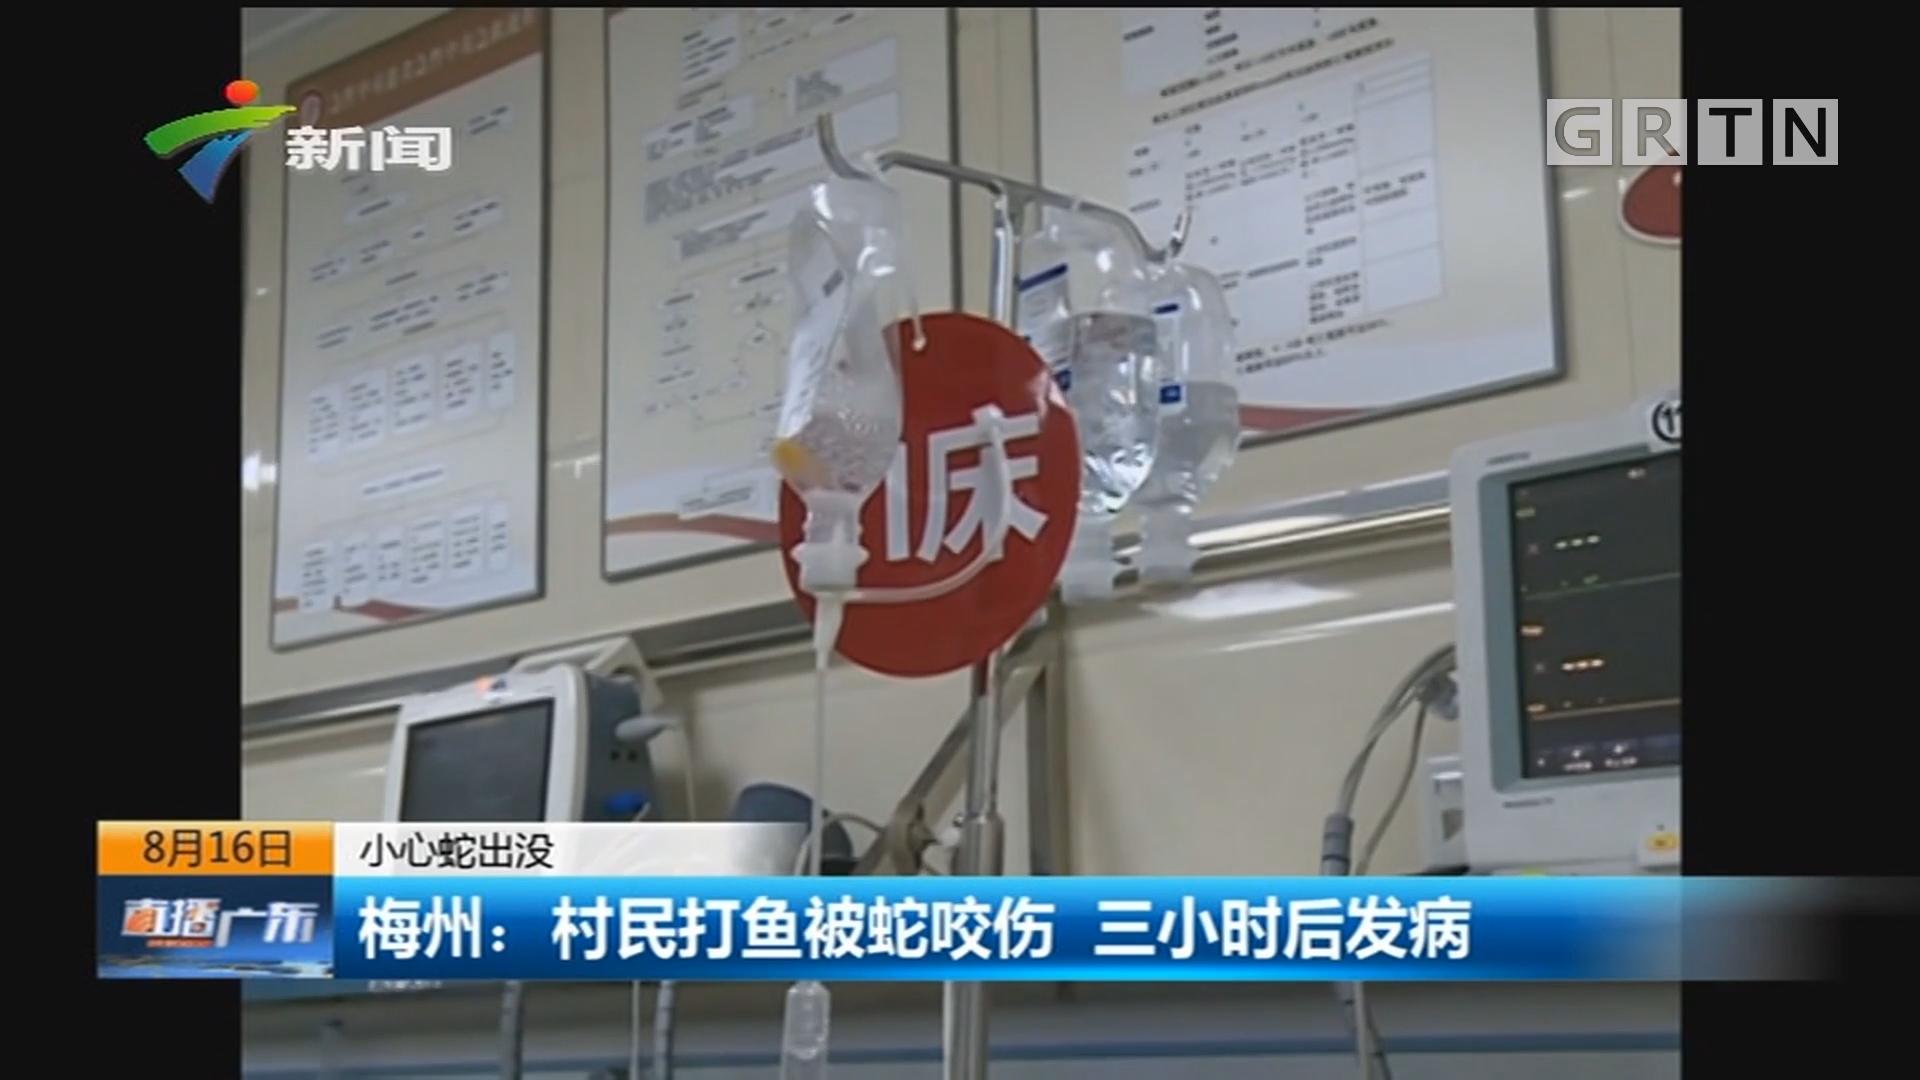 小心蛇出没 梅州:村民打鱼被蛇咬伤 三小时后发病